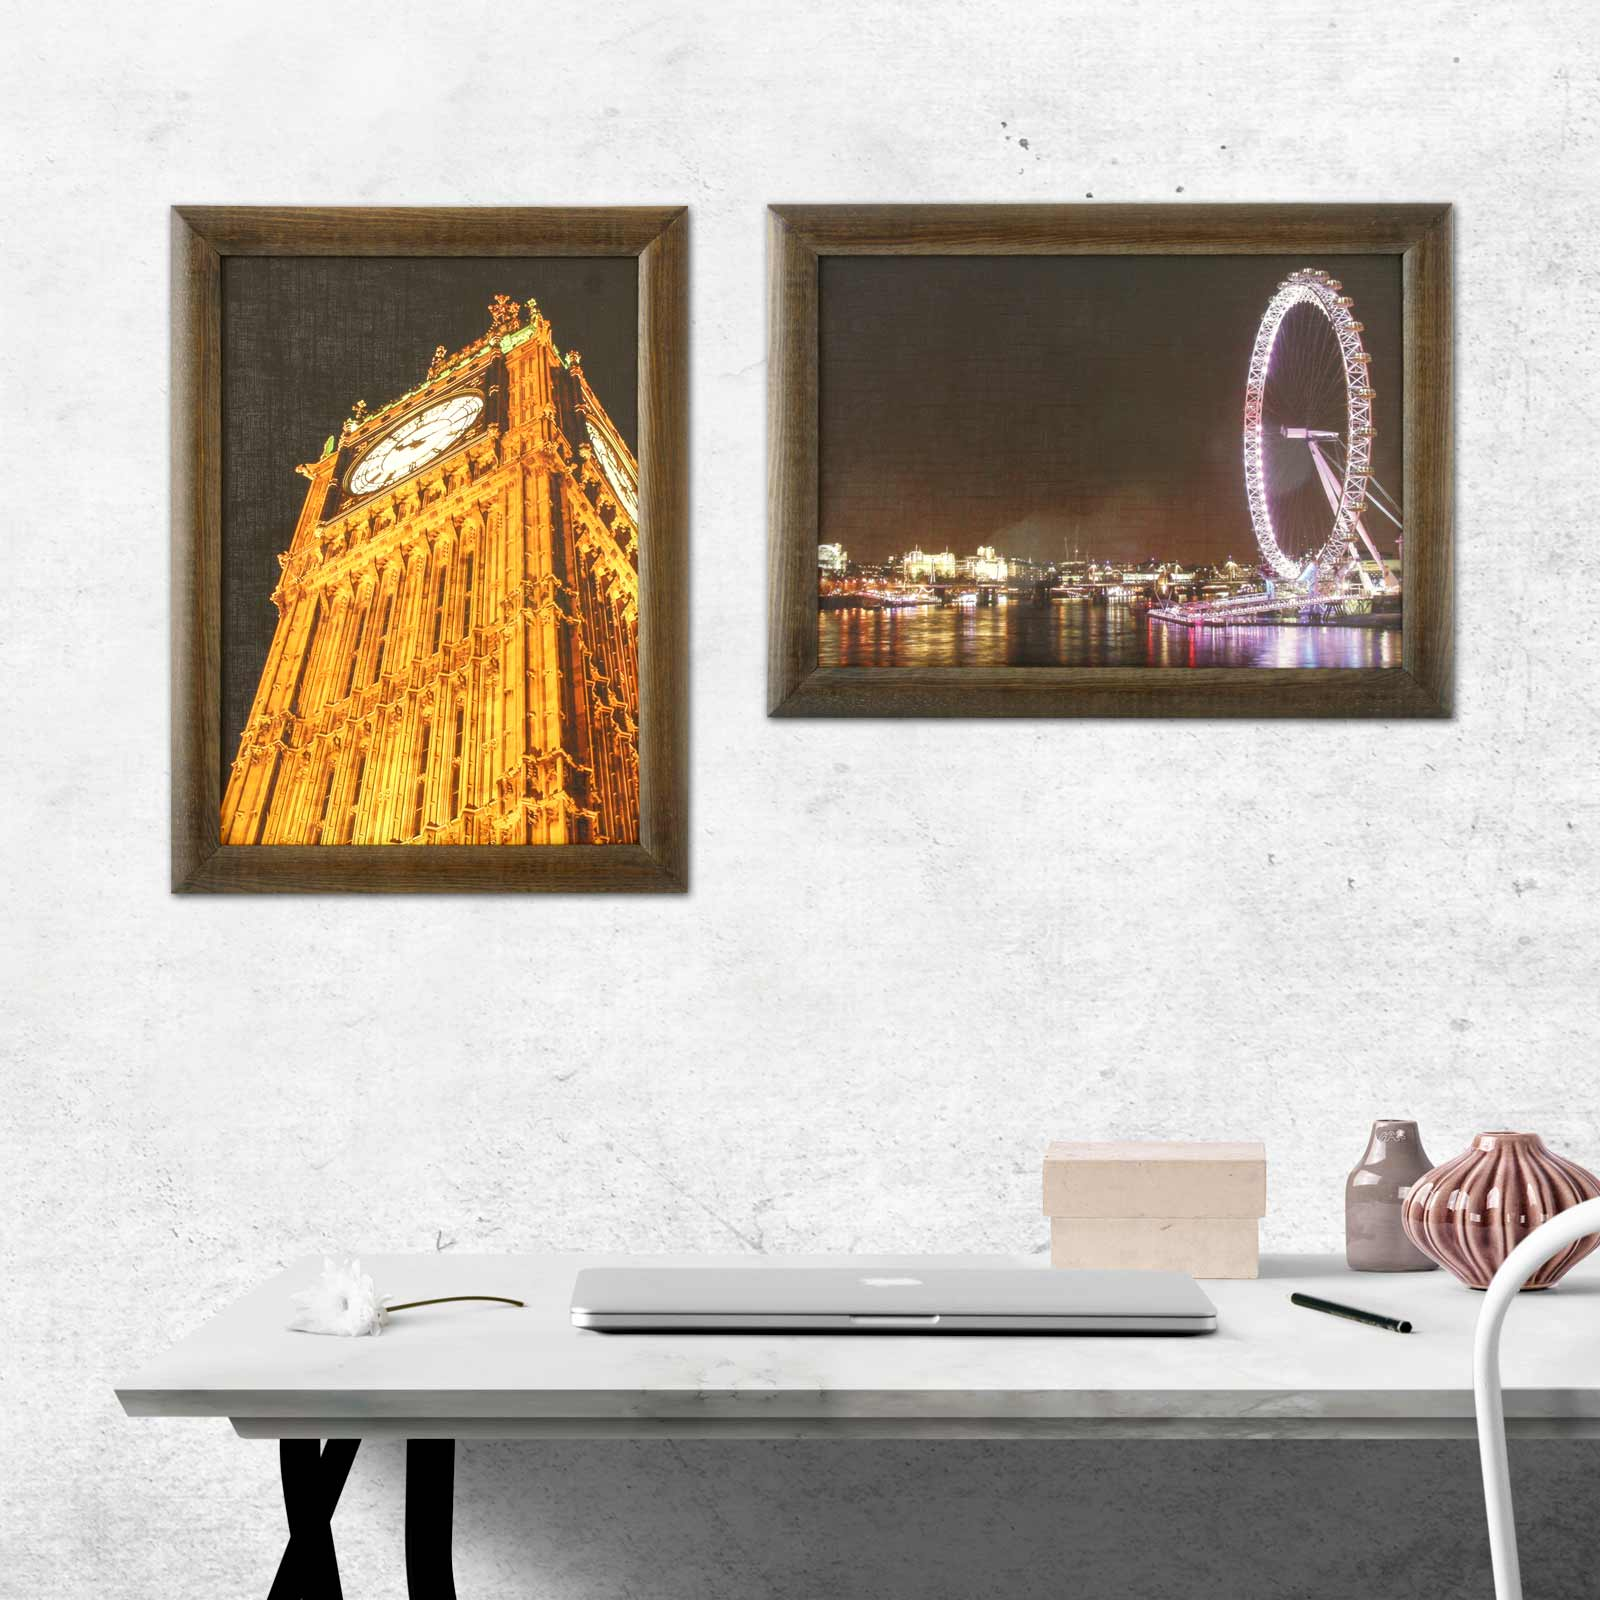 ihr foto bild im echtholz rahmen druck auf canvasplatte 30x40 cm. Black Bedroom Furniture Sets. Home Design Ideas